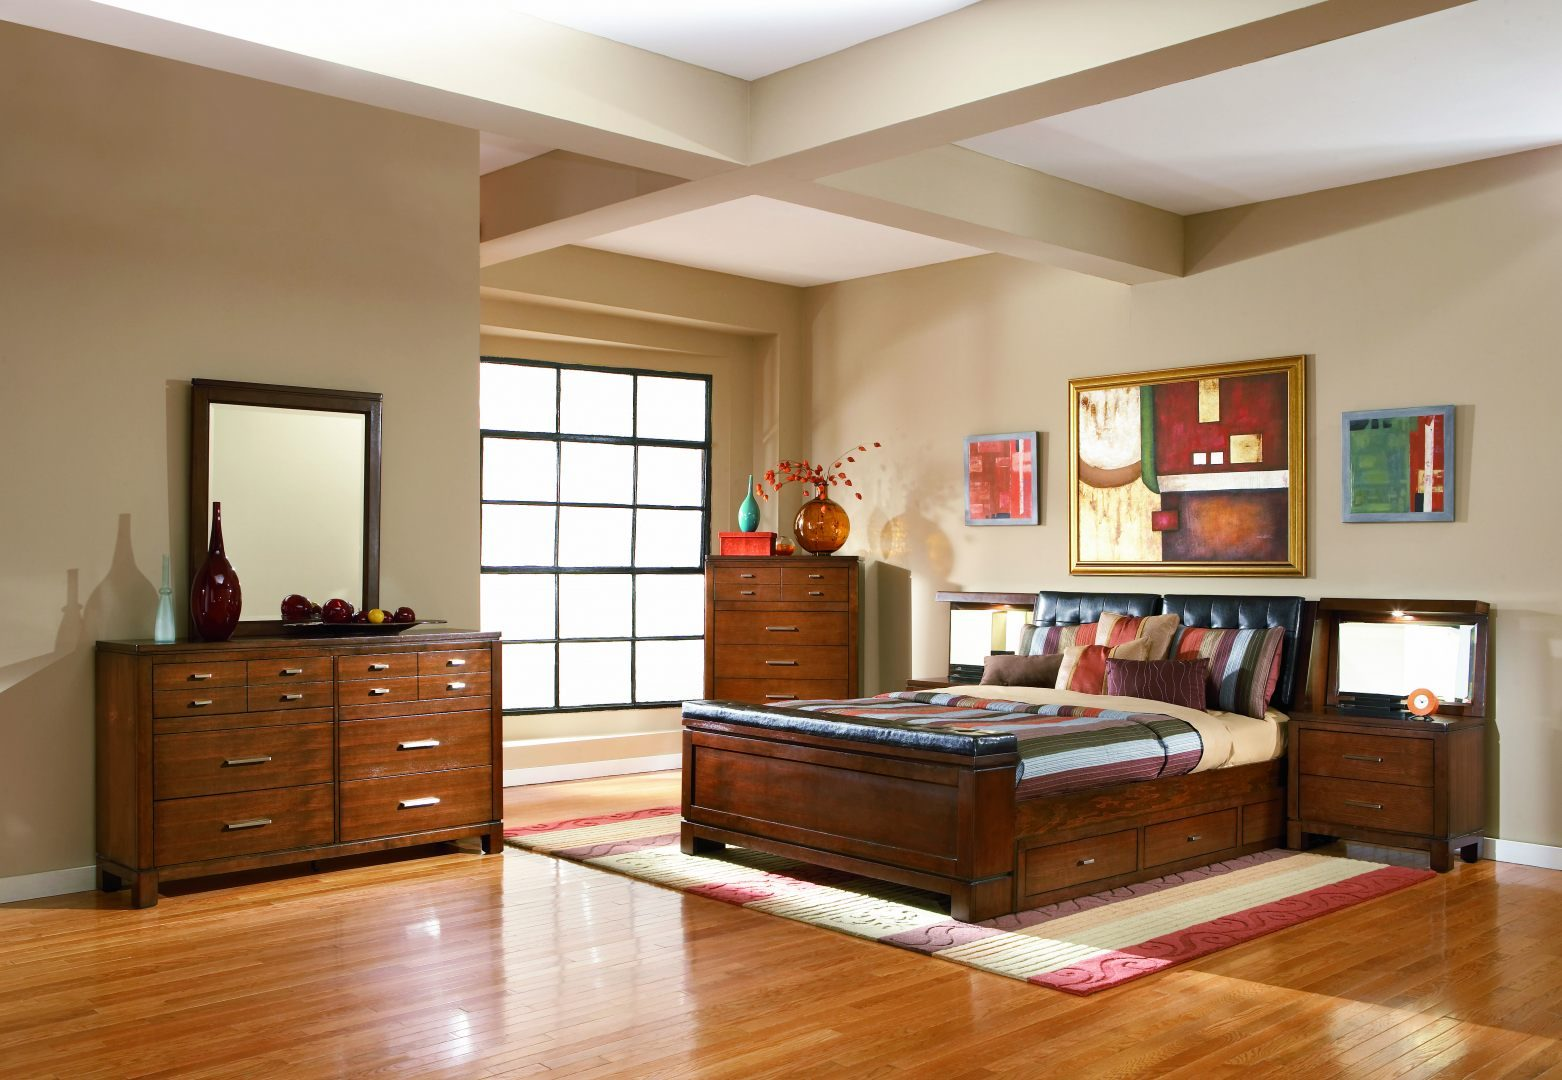 Decorar un dormitorio im genes y fotos - Como amueblar un dormitorio juvenil pequeno ...